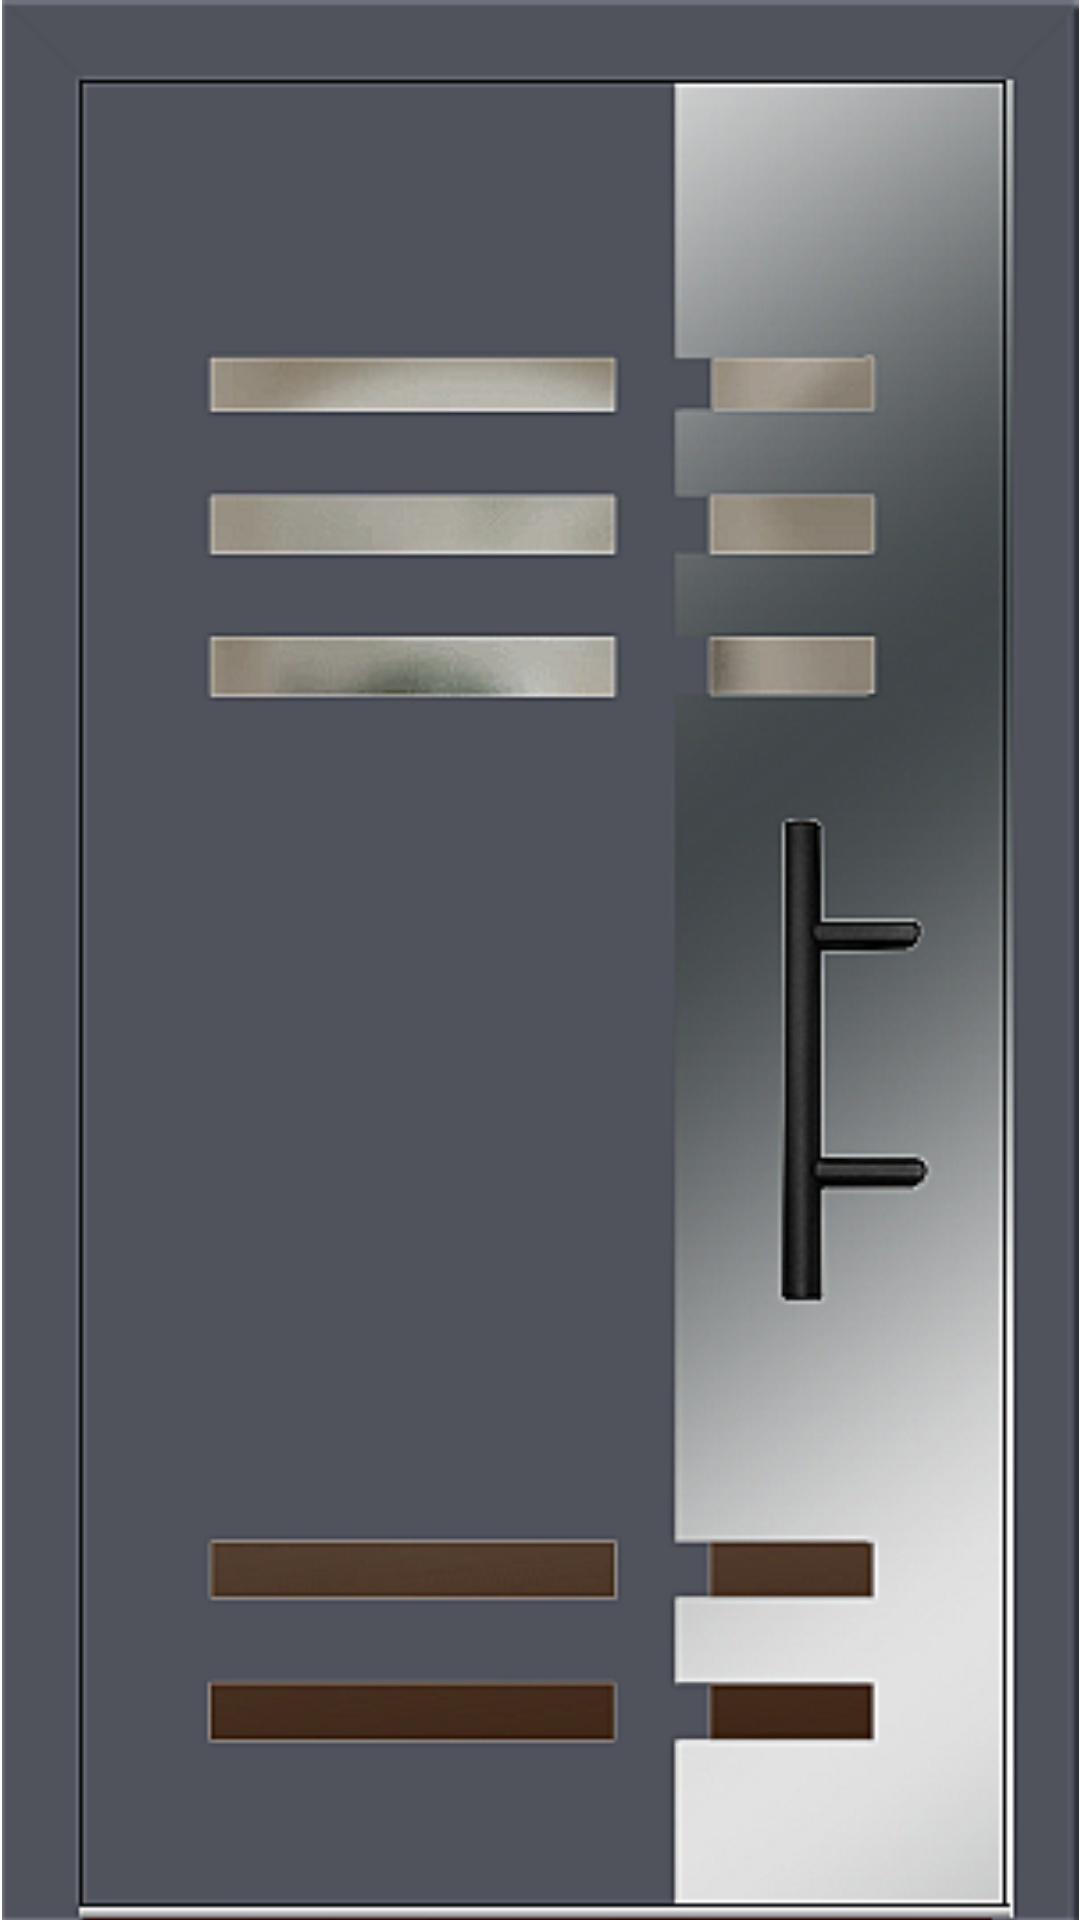 Holz-Alu Haustür Modell 66501 schiefergrau